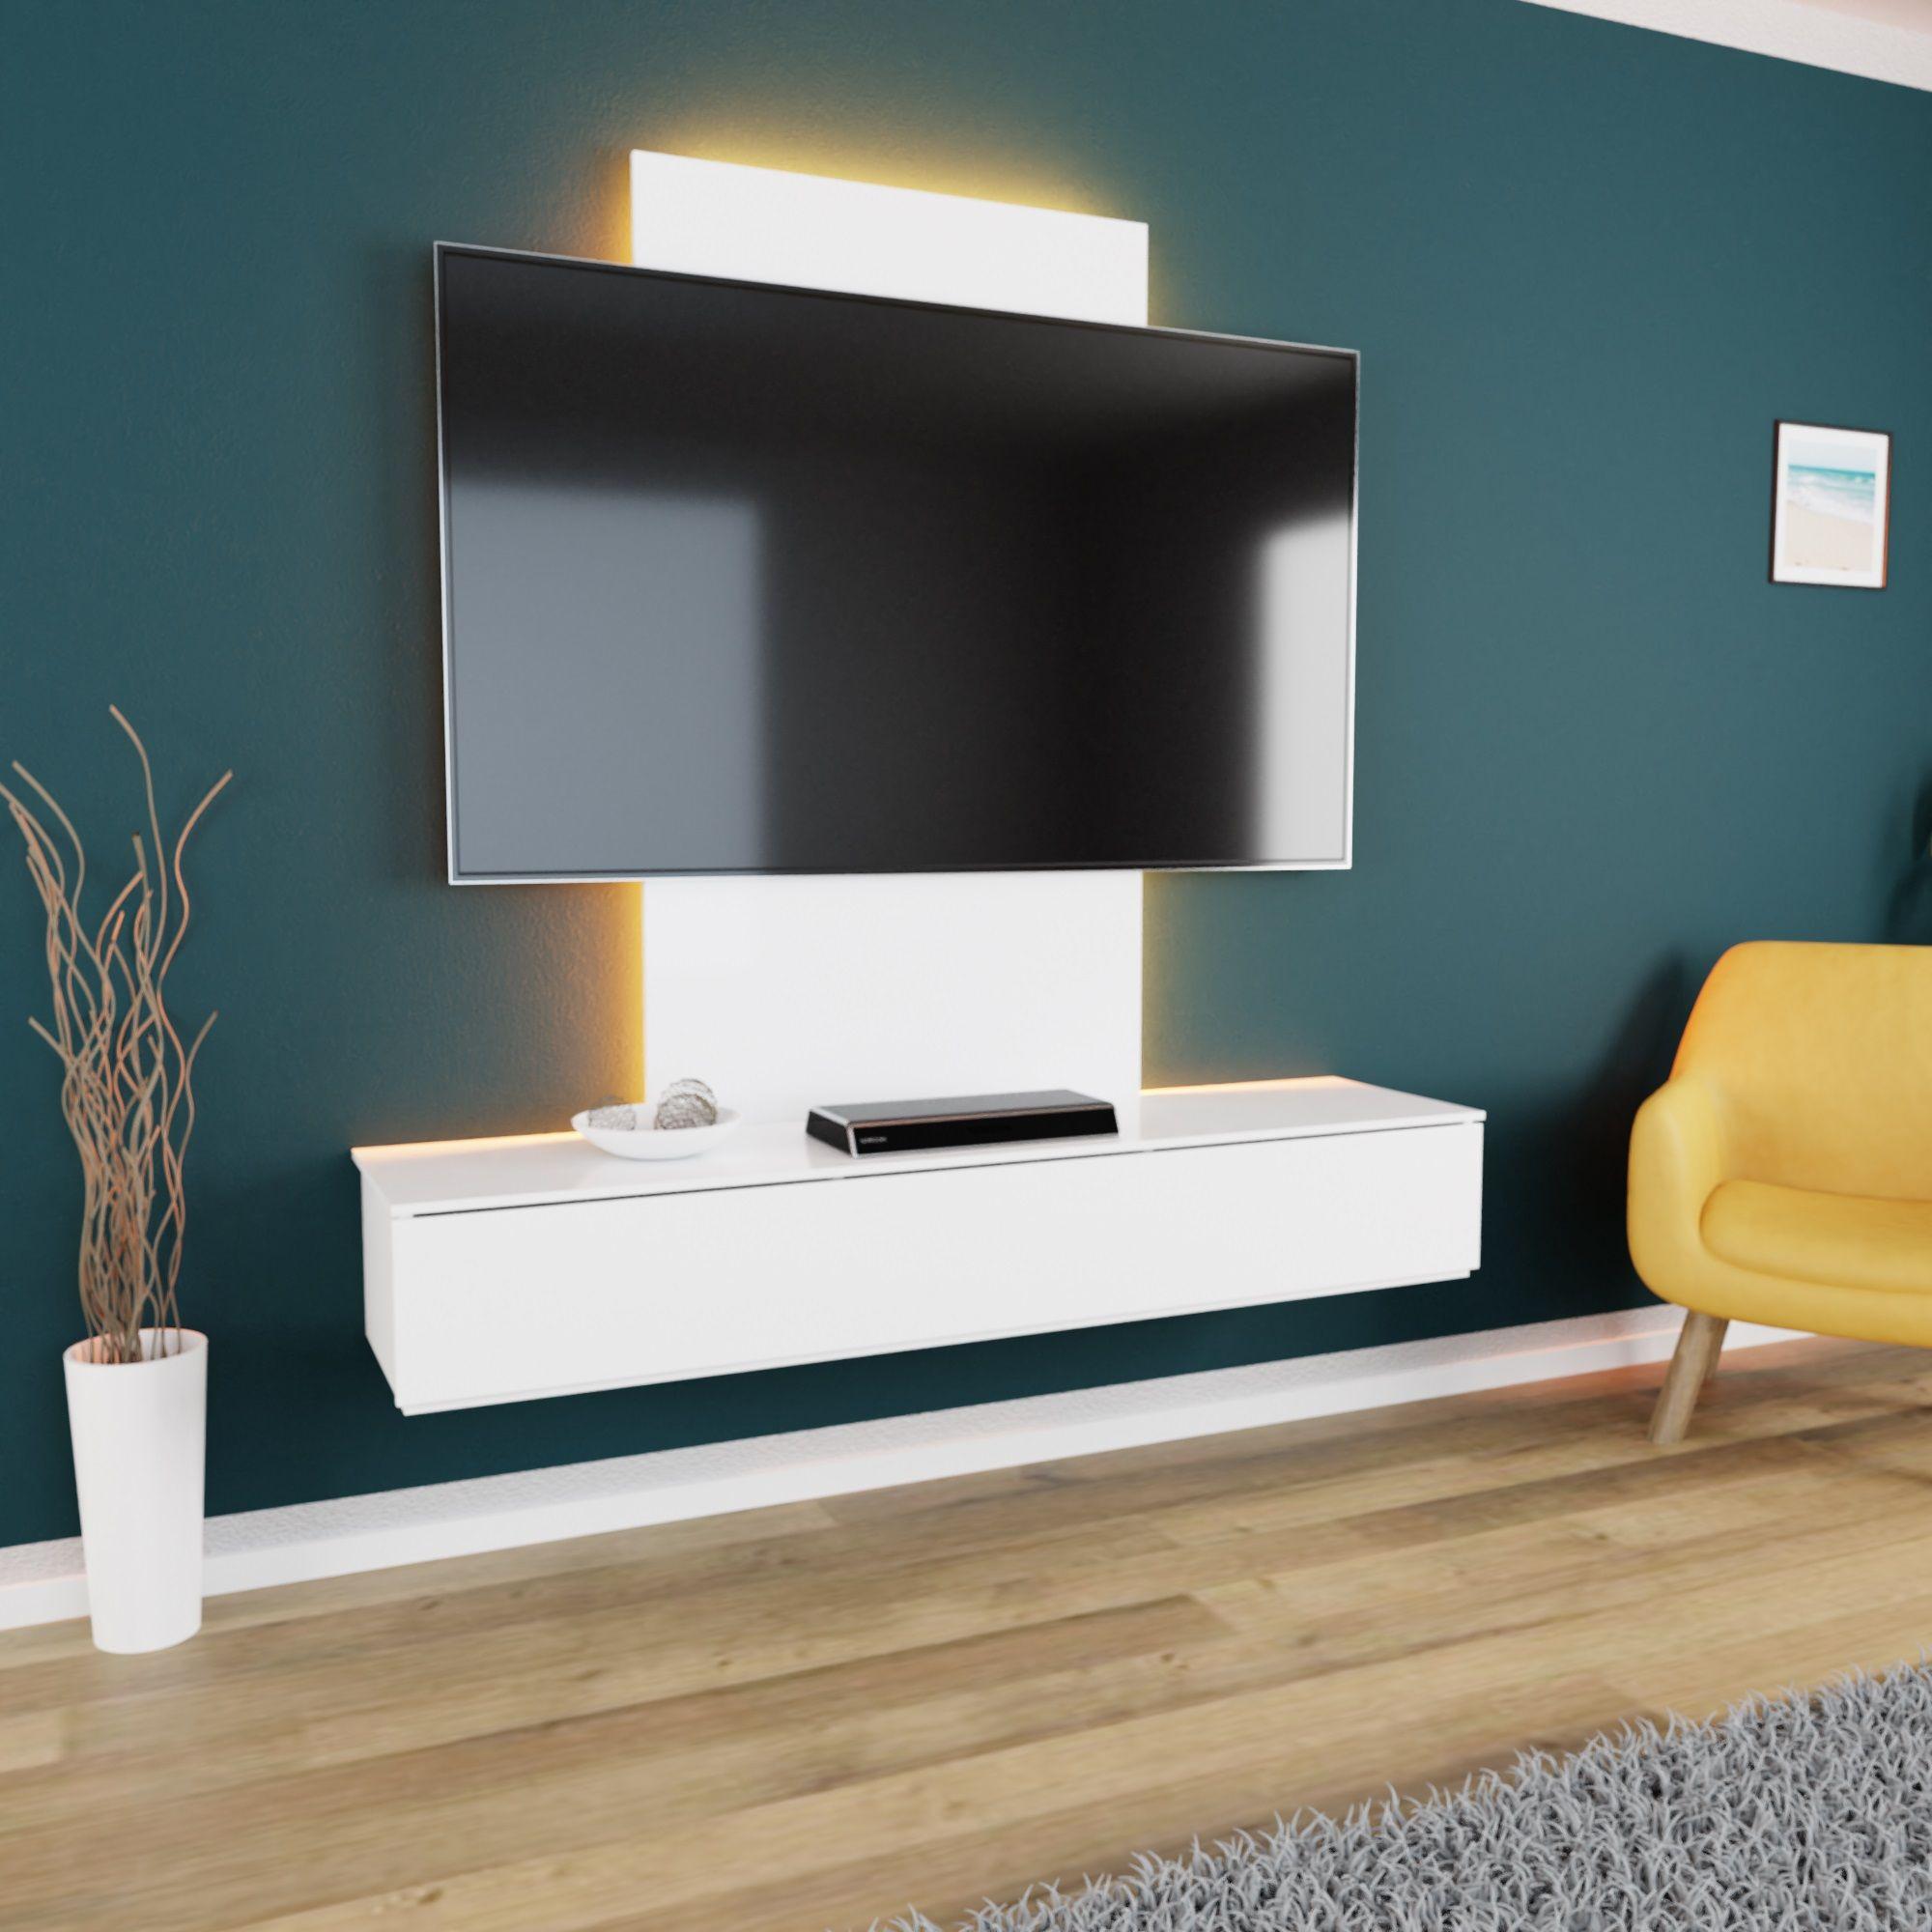 Design Tv Lowboard Velan Tv Mobel Led Lowboard Wohnzimmereinrichtung